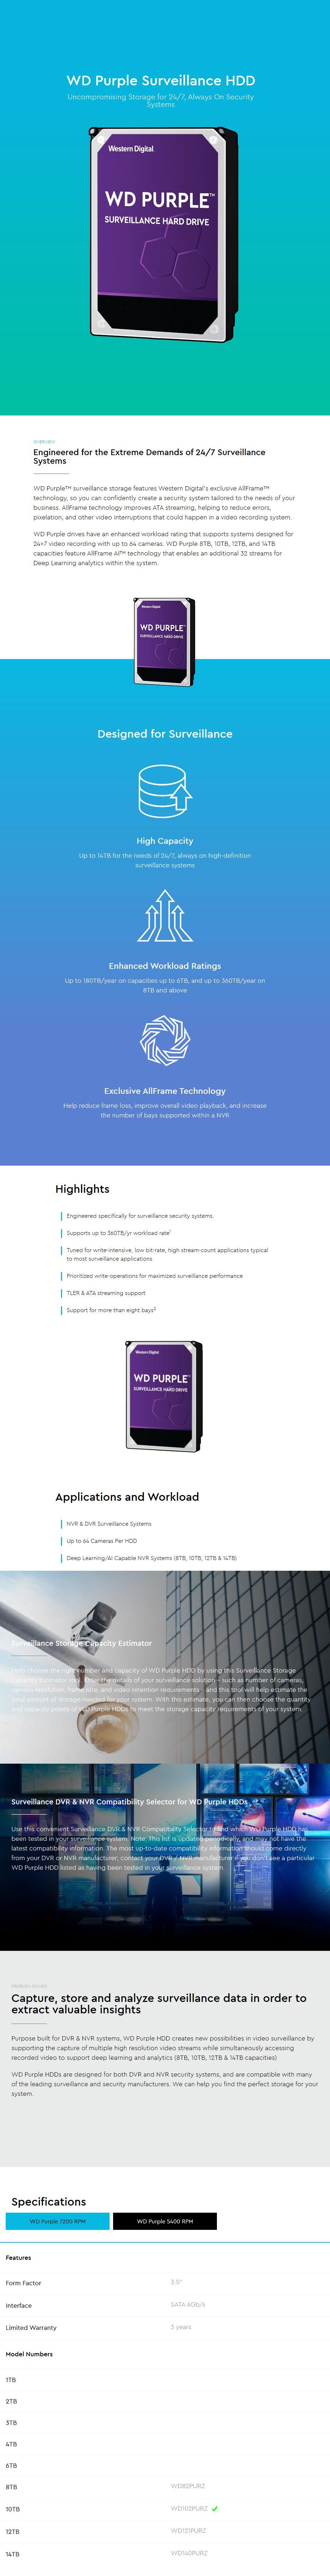 wd-wd102purz-10tb-purple-35-sata3-surveillfance-hard-drive-ac31949-3.jpg